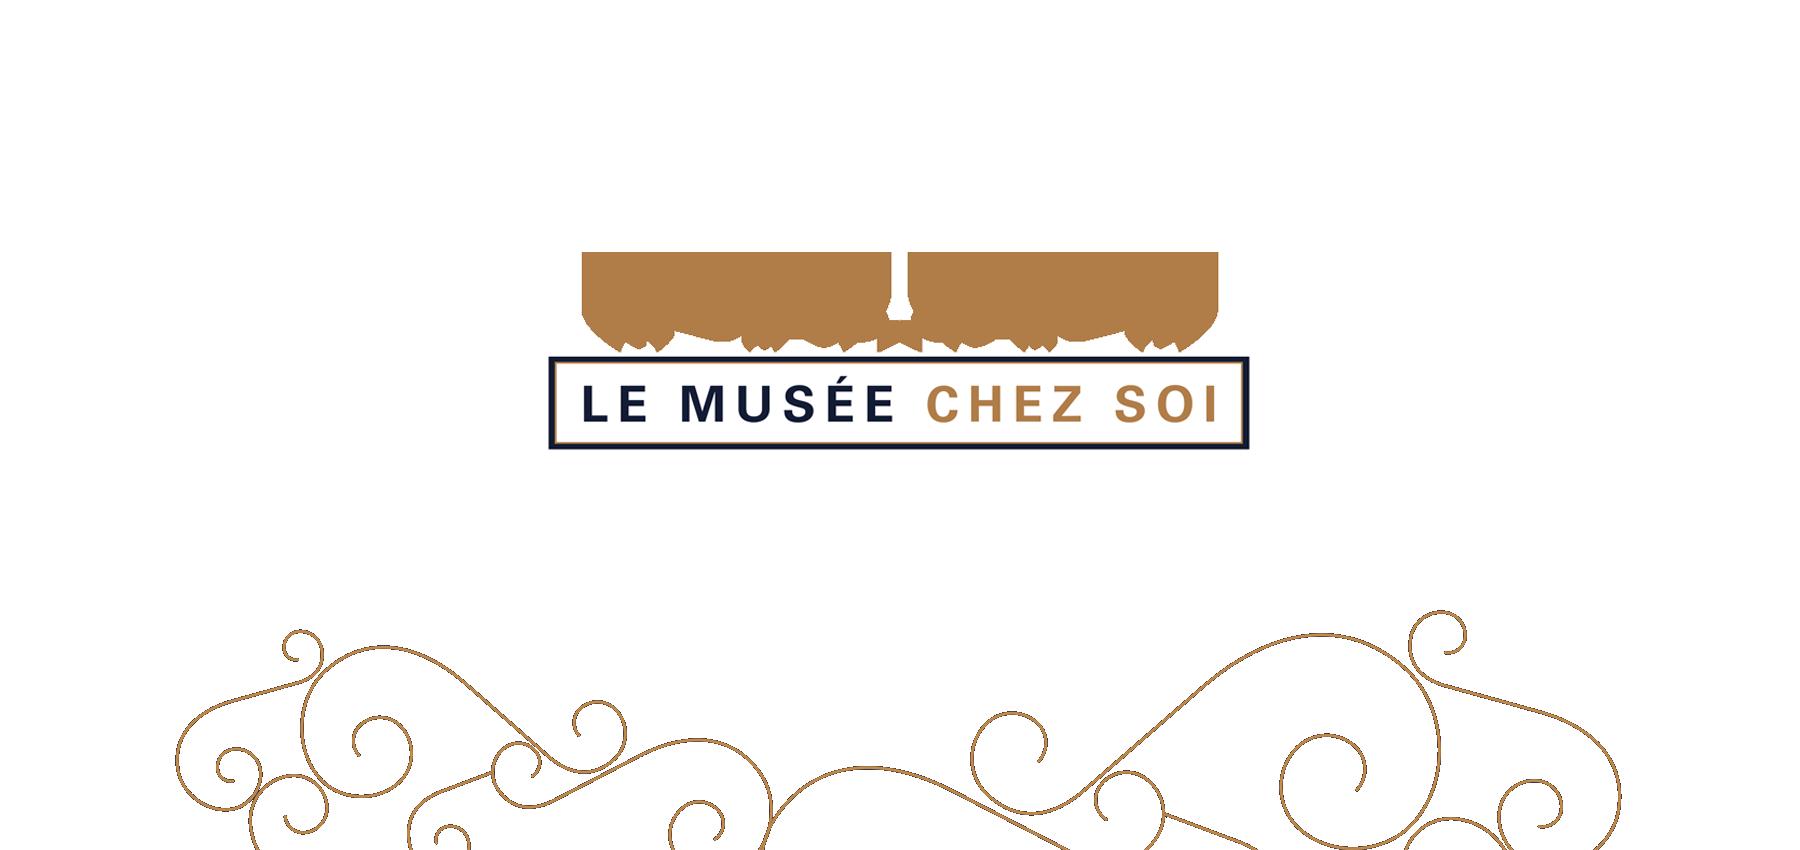 Le Musée Chez Soi - Spécialisé dans la vente d'oeuvres d'art